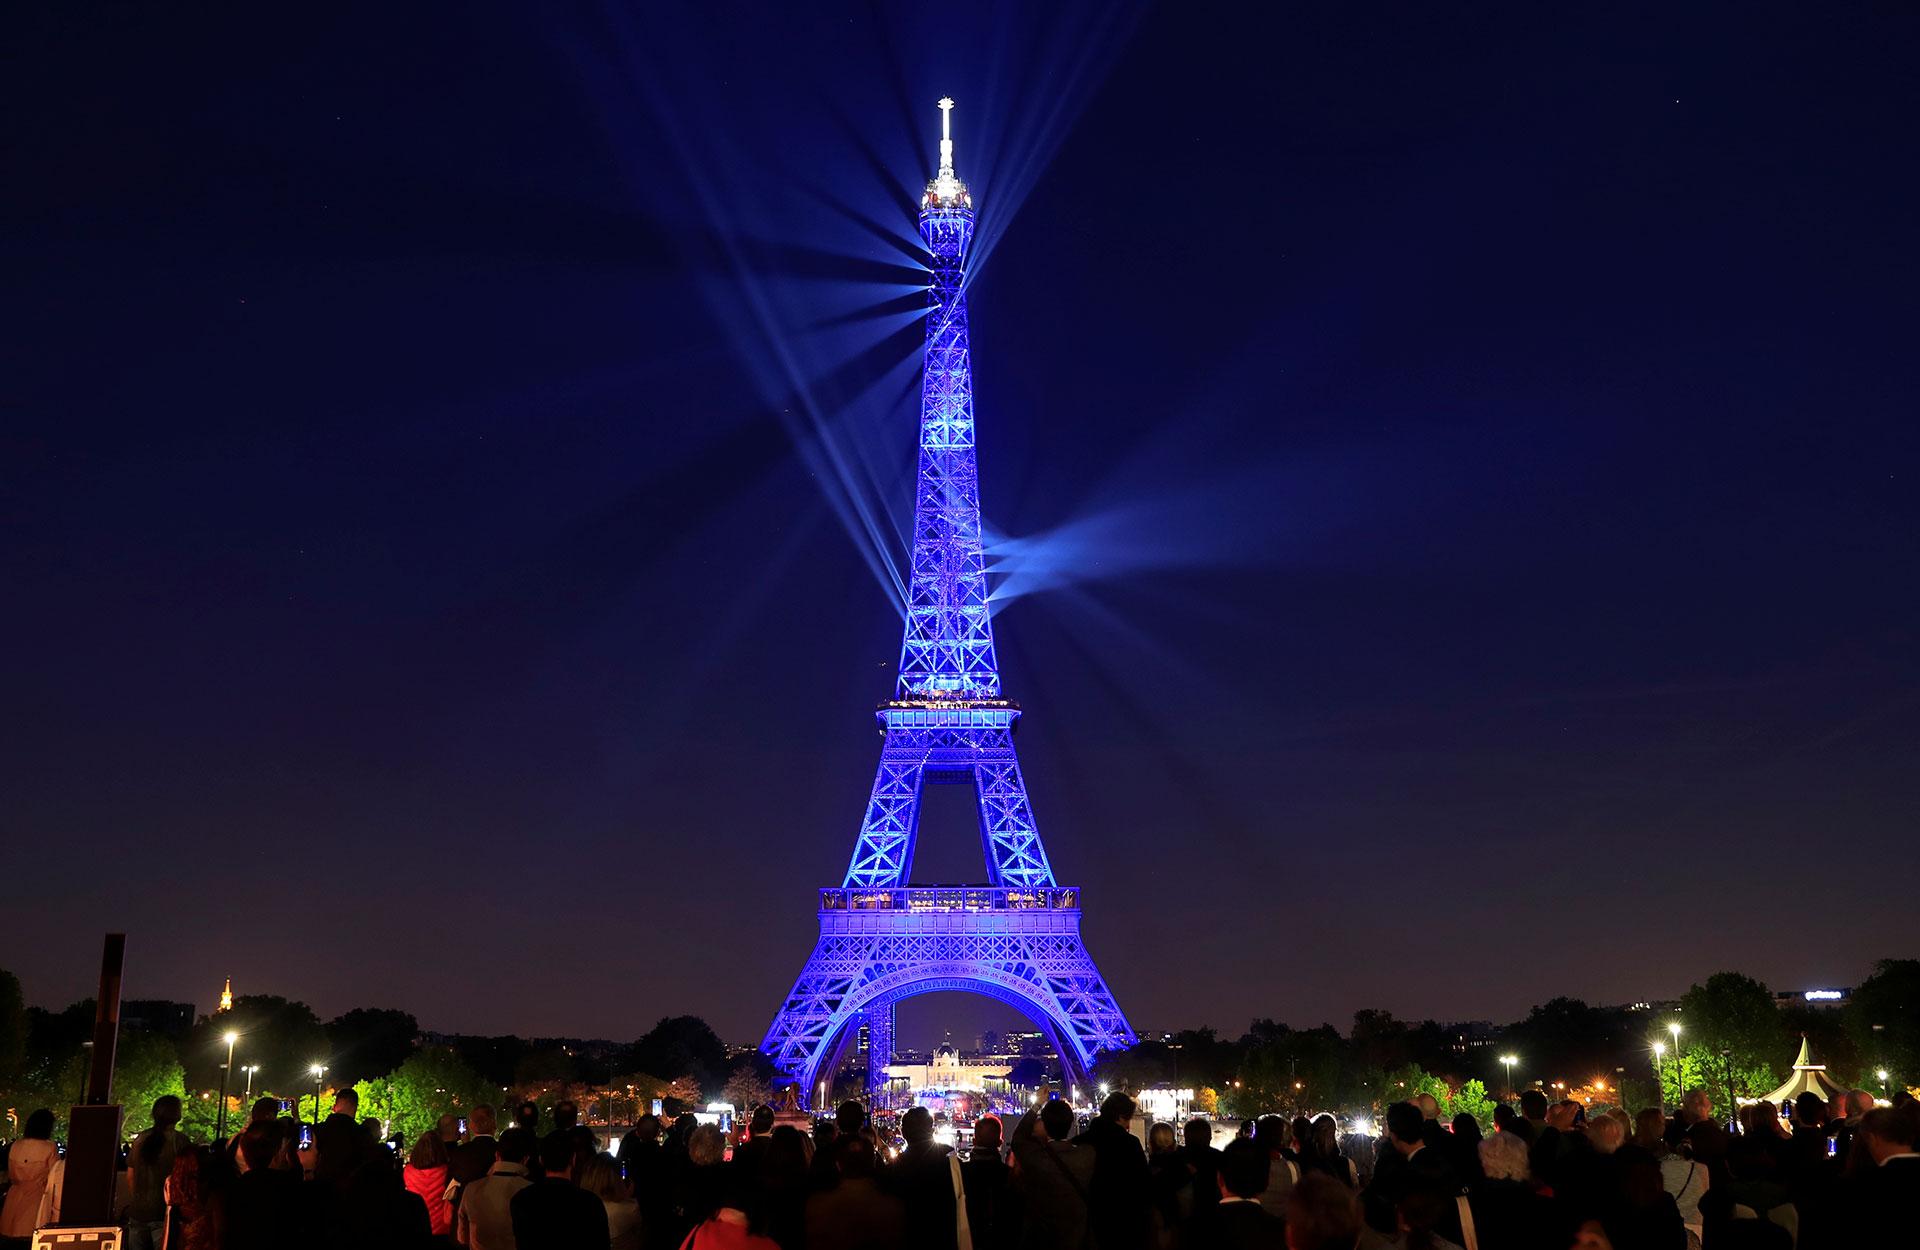 París festejó el aniversario 130 de la Torre Eiffel con un show de luces.